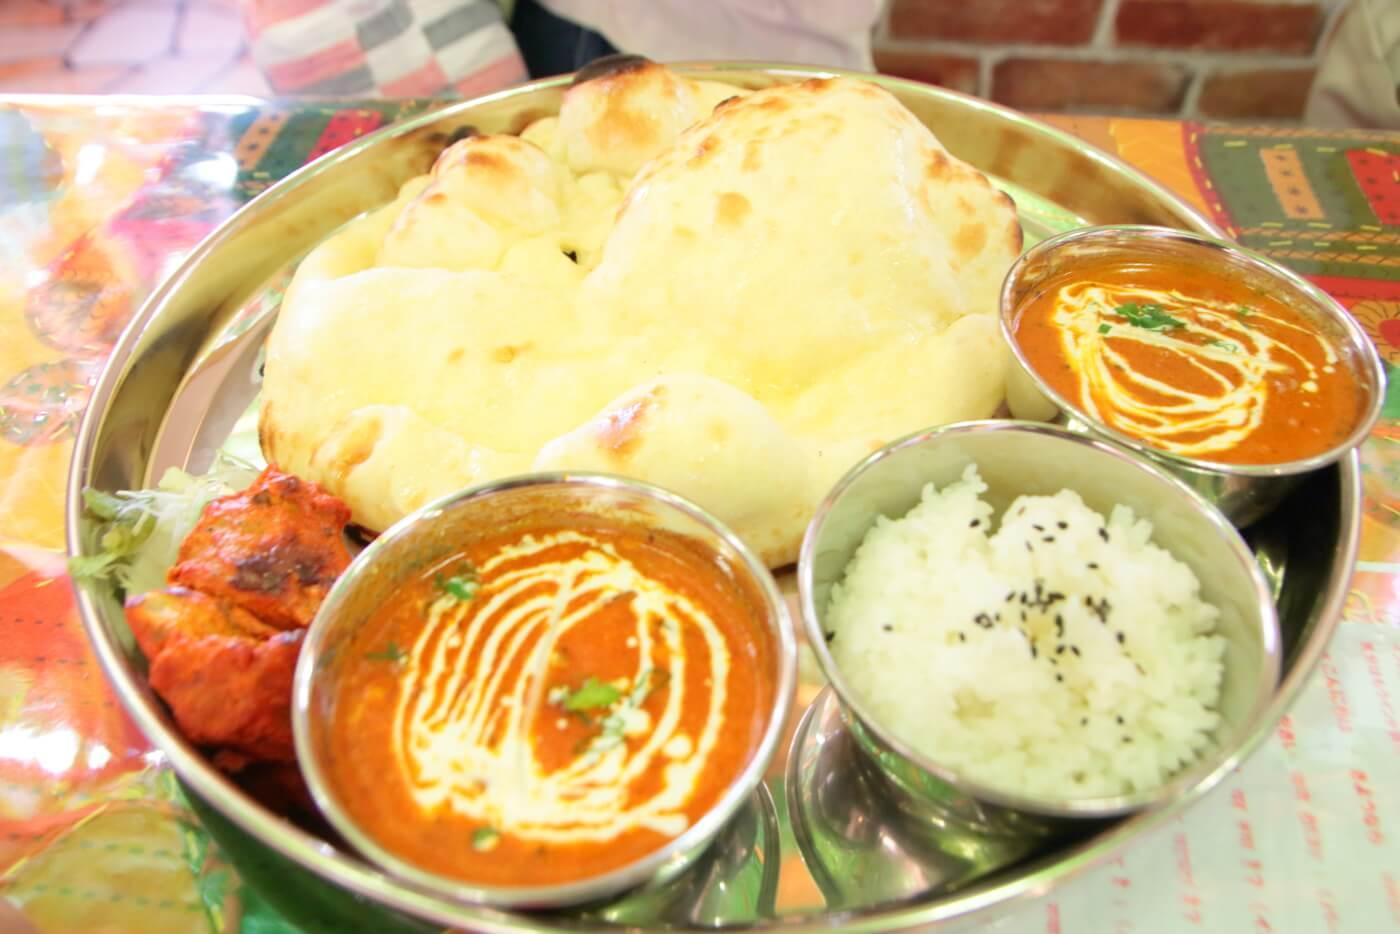 インド料理 スビマハル 2種類のカレーセット